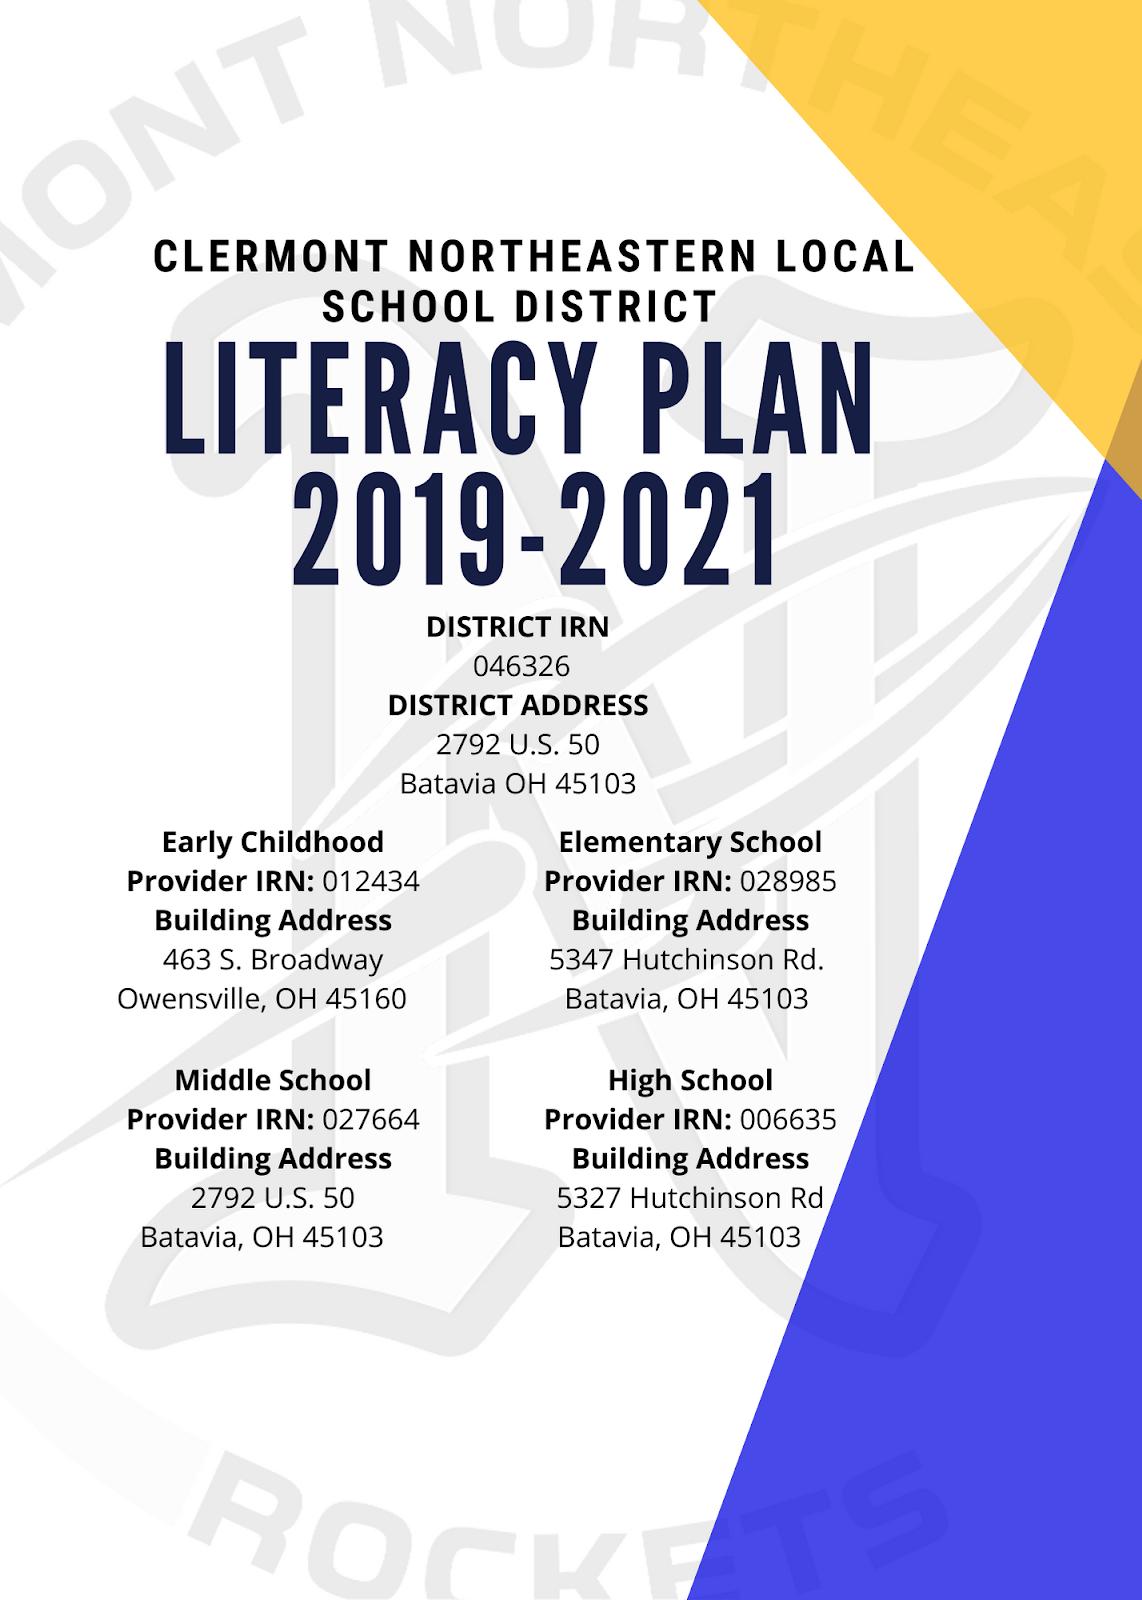 LITERACY PLAN 2019 - 2021